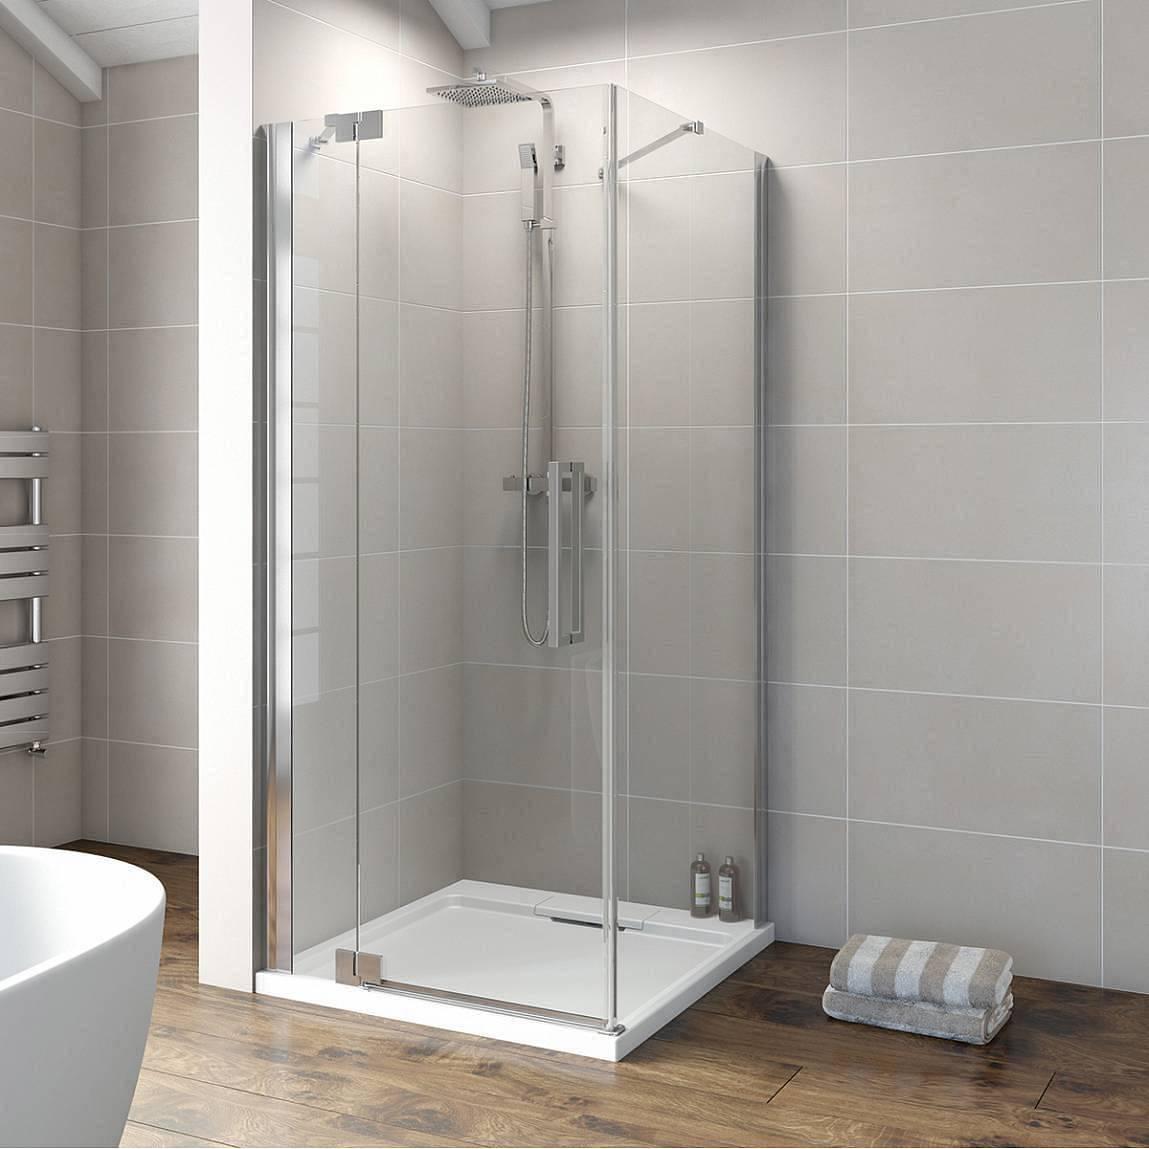 Image of V8+ Frameless Hinged Shower Enclosure 800 LH